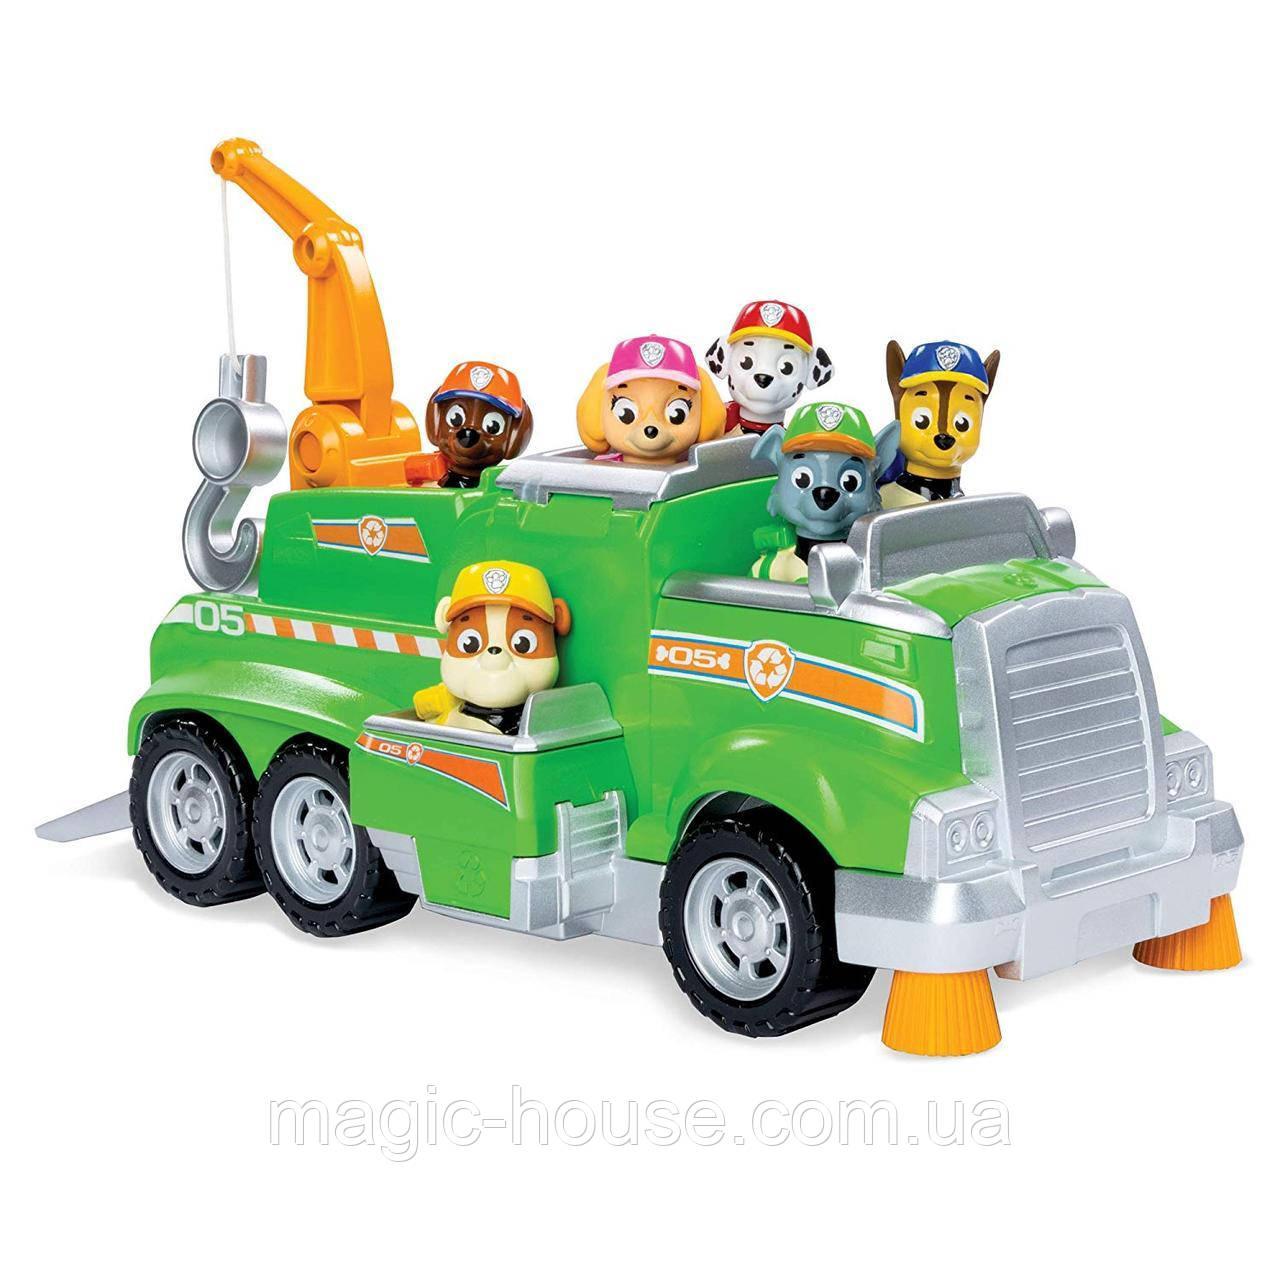 ОРИГІНАЛ! Paw Patrol Рятувальна Машина Роккі і 6 фігурок Rocky Total Rescue Team Recycling Truck